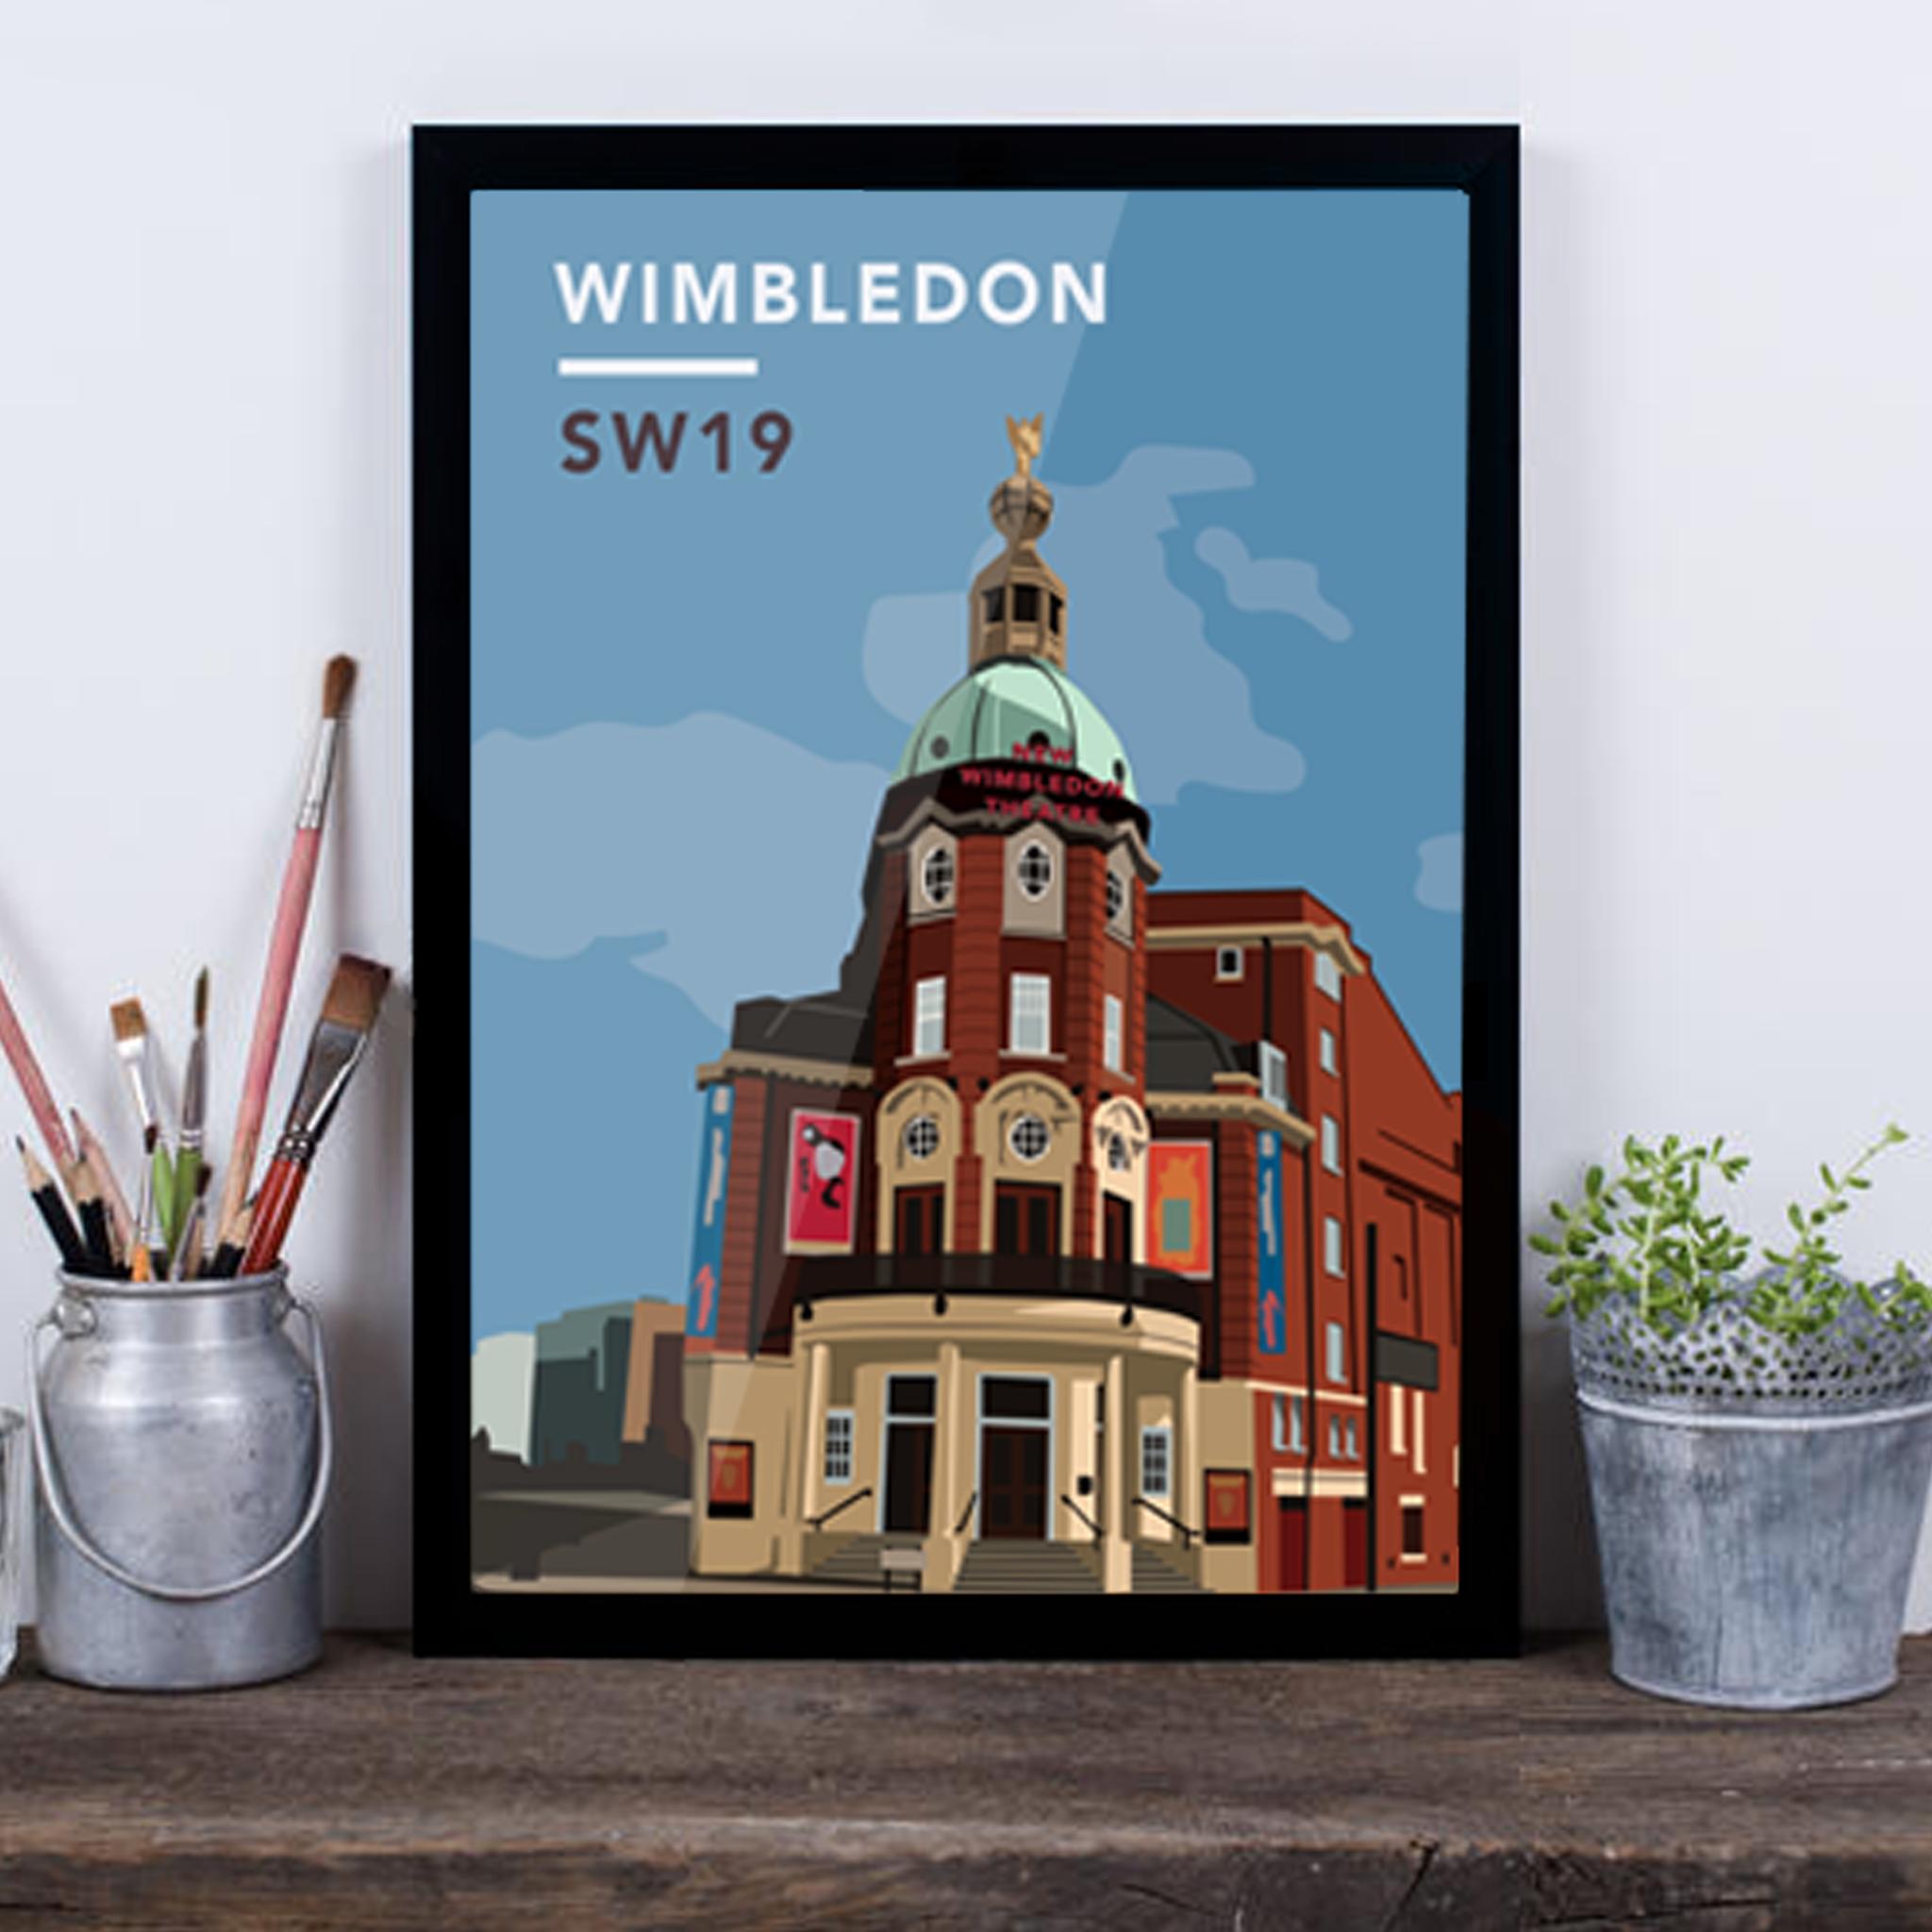 Wimbledon Theatre SW19 - Giclée Art Print -